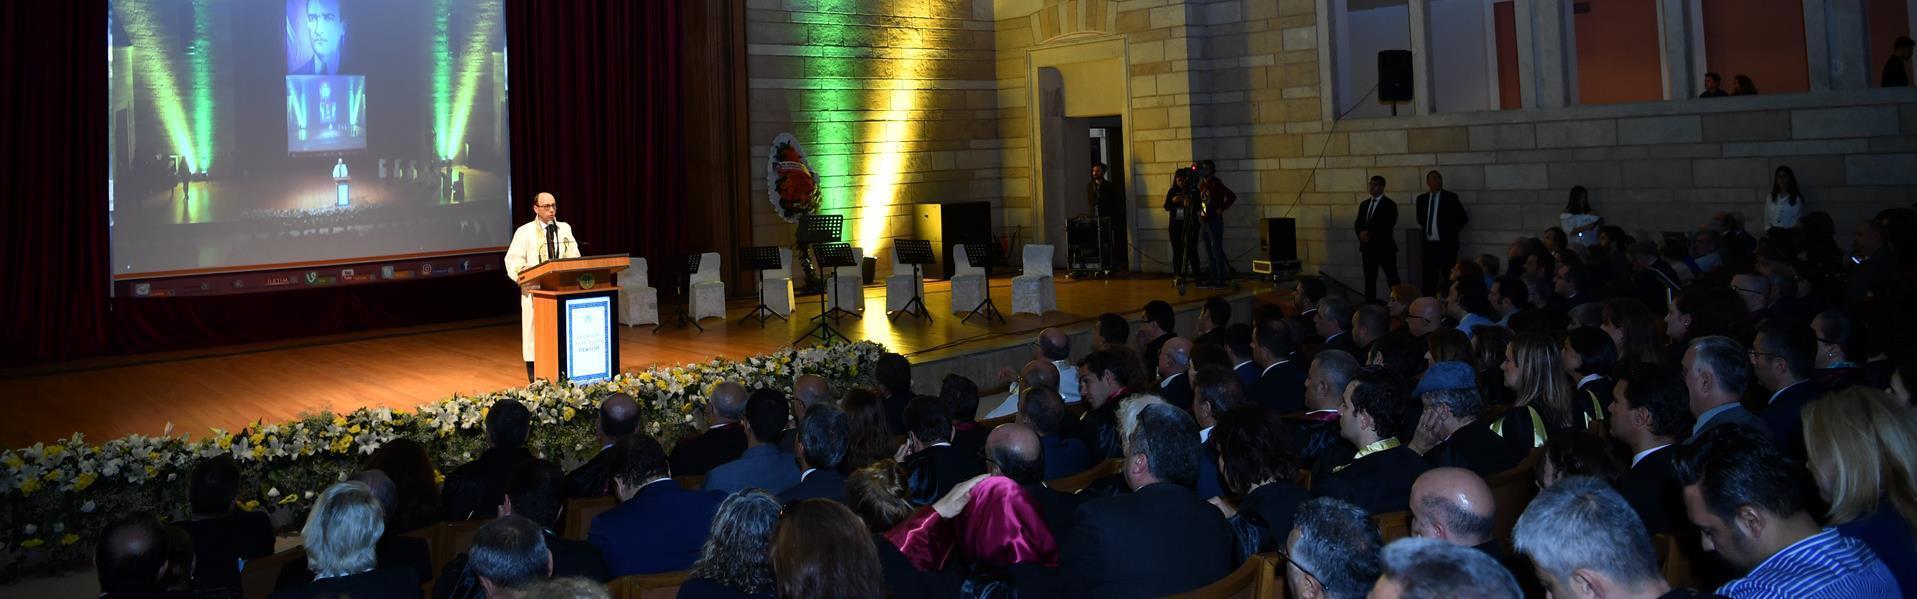 istanbul üniversite cerrahpaşa 2018 2019 açılış tören konuşma orman fakülte rektör nuri aydın